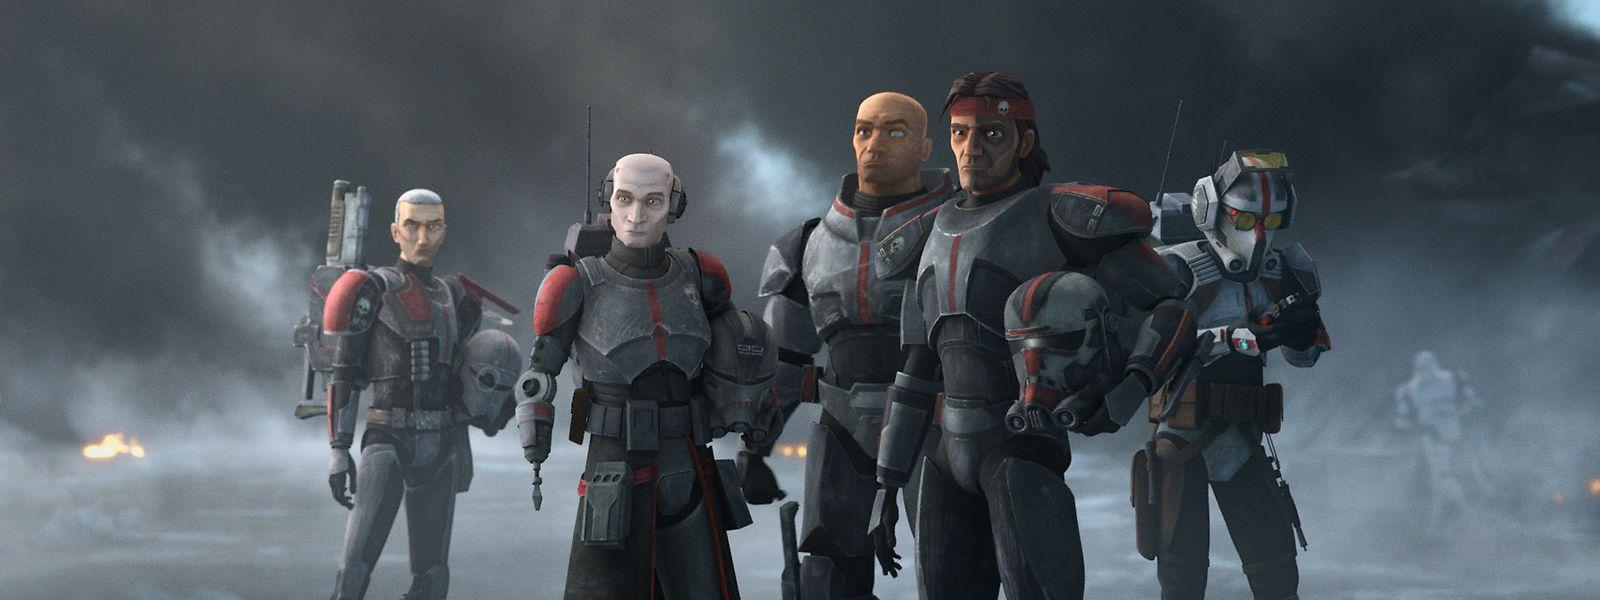 """Echo, Wrecker, Hunter und Tech sind die Helden der Star-Wars-Animationsserie """"The Bad Batch""""."""